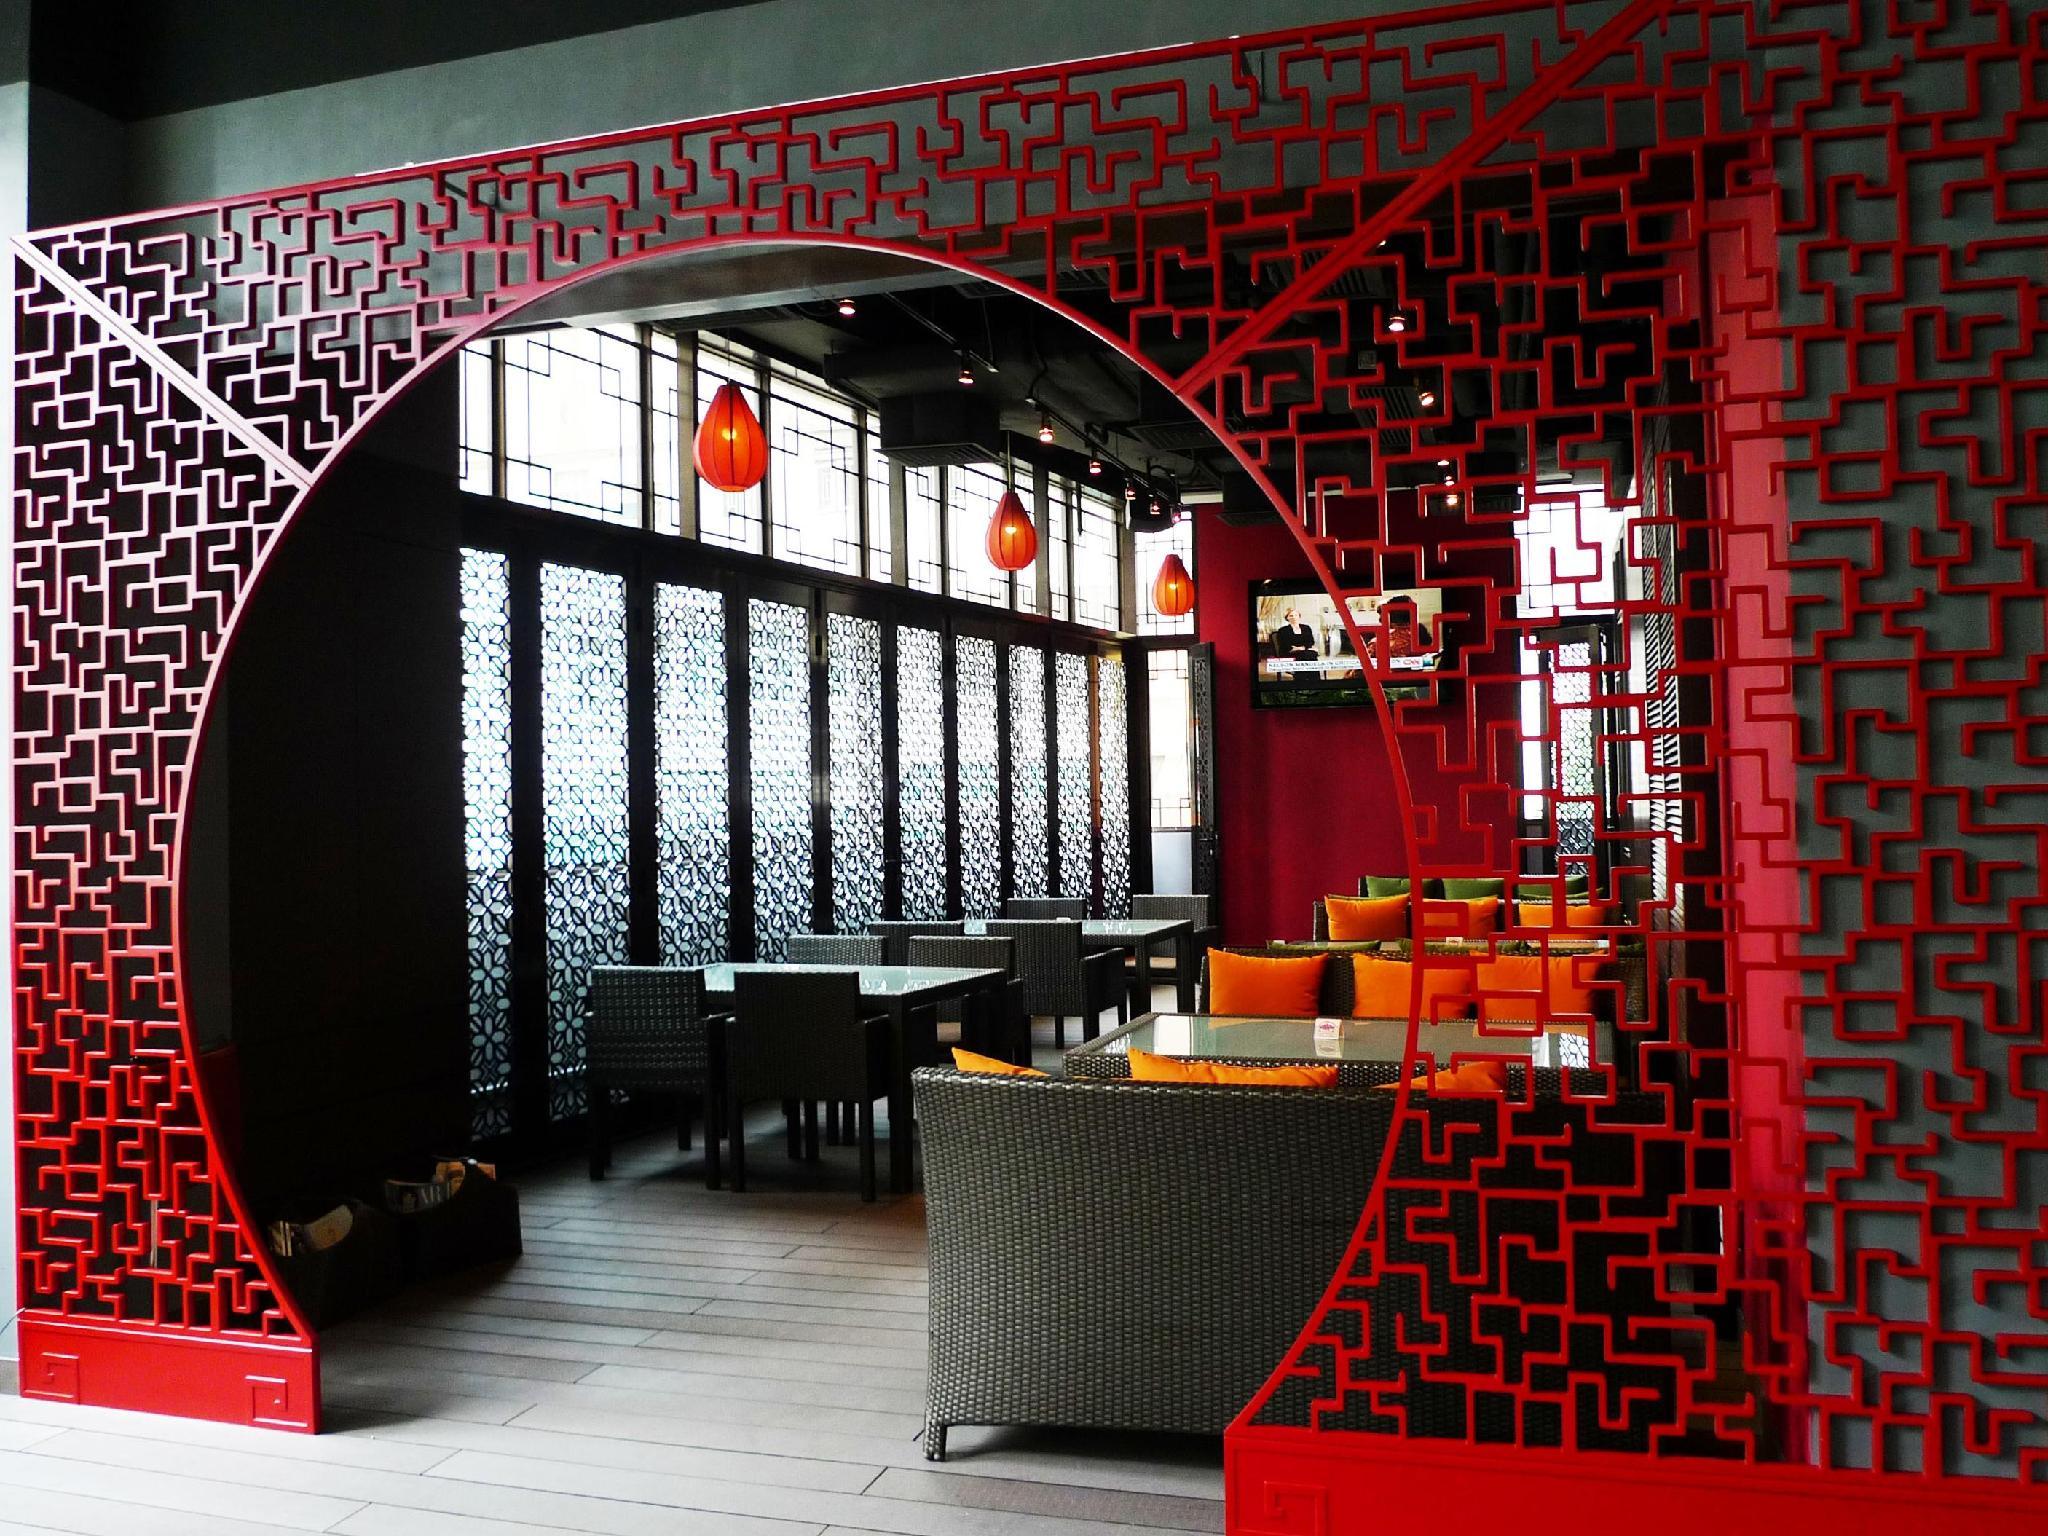 โรงแรมลานไควฟง แอท เคายูฟง Lan Kwai Fong Hotel   Kau U Fong